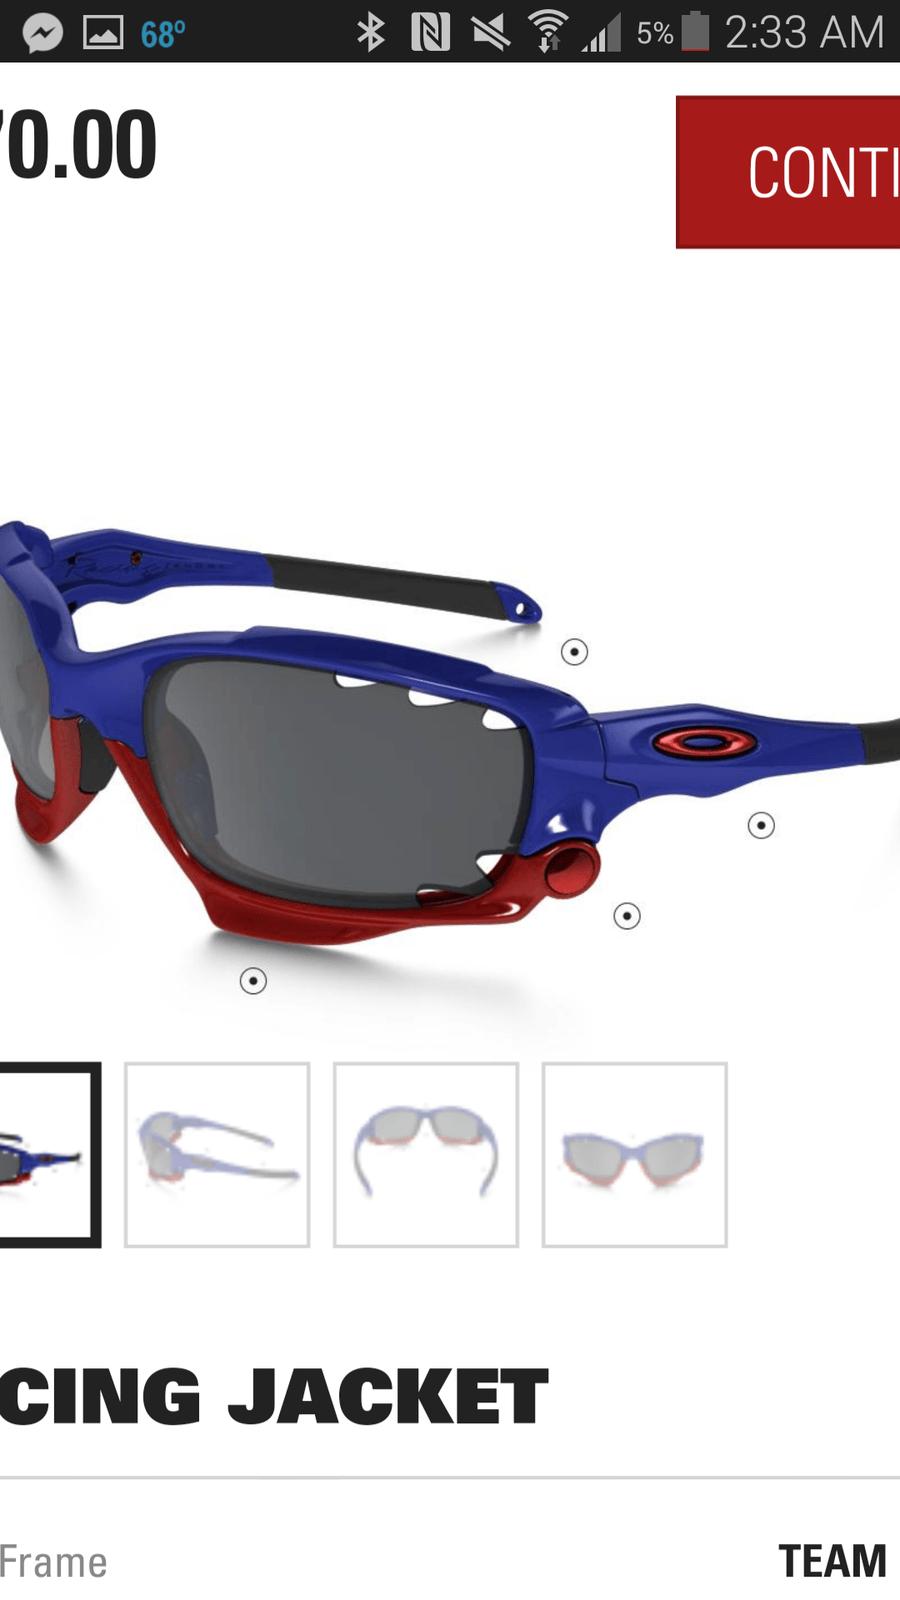 Team blue racing jacket frame - uploadfromtaptalk1443339337071.png